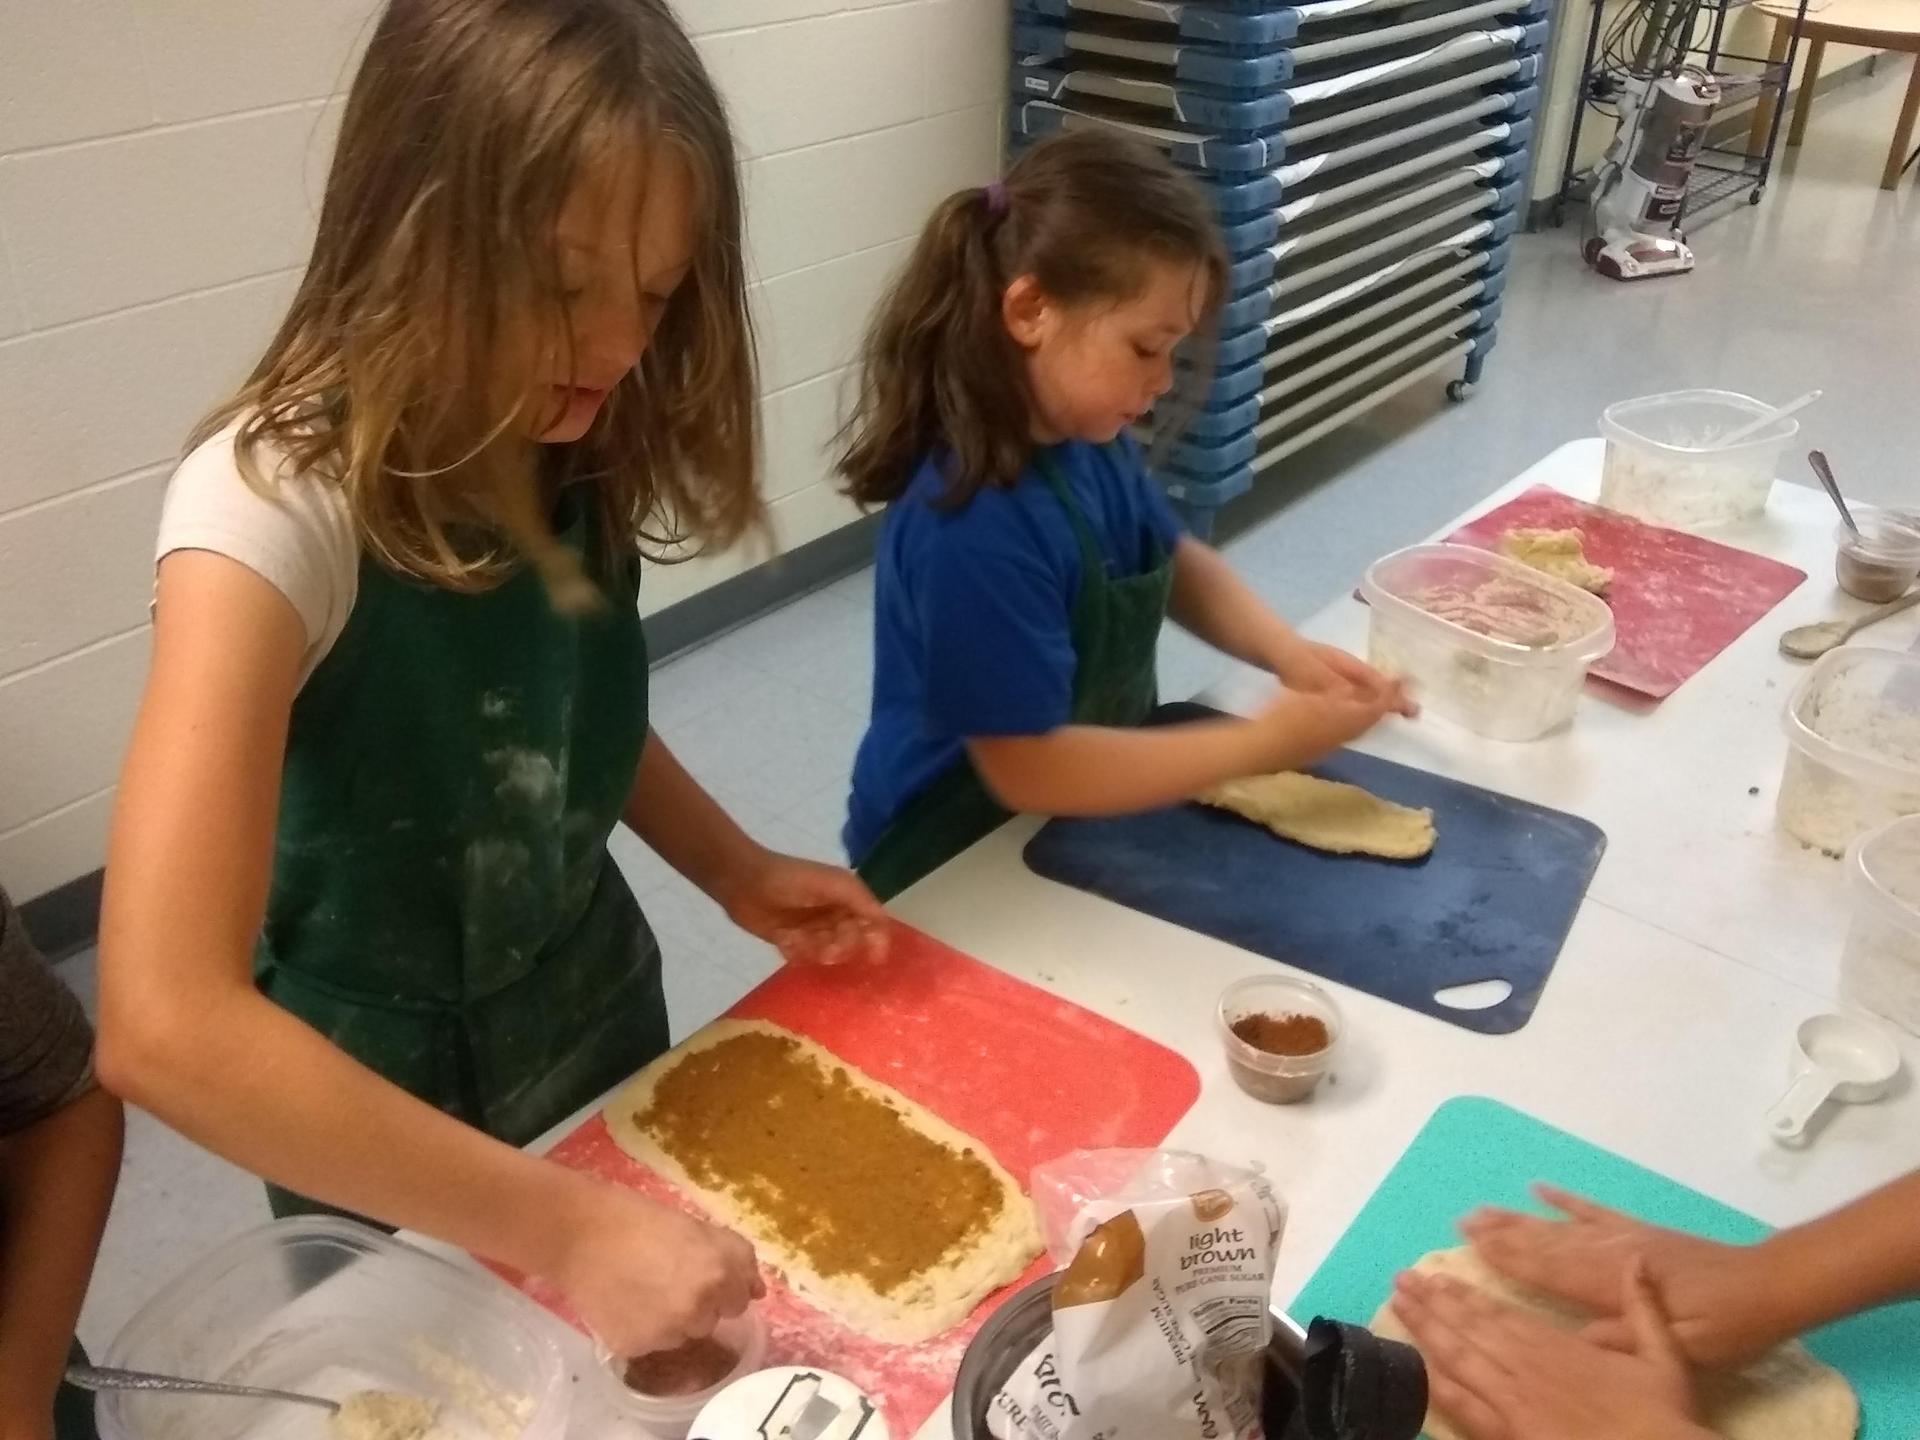 kids making cinnamon rolls from scratch